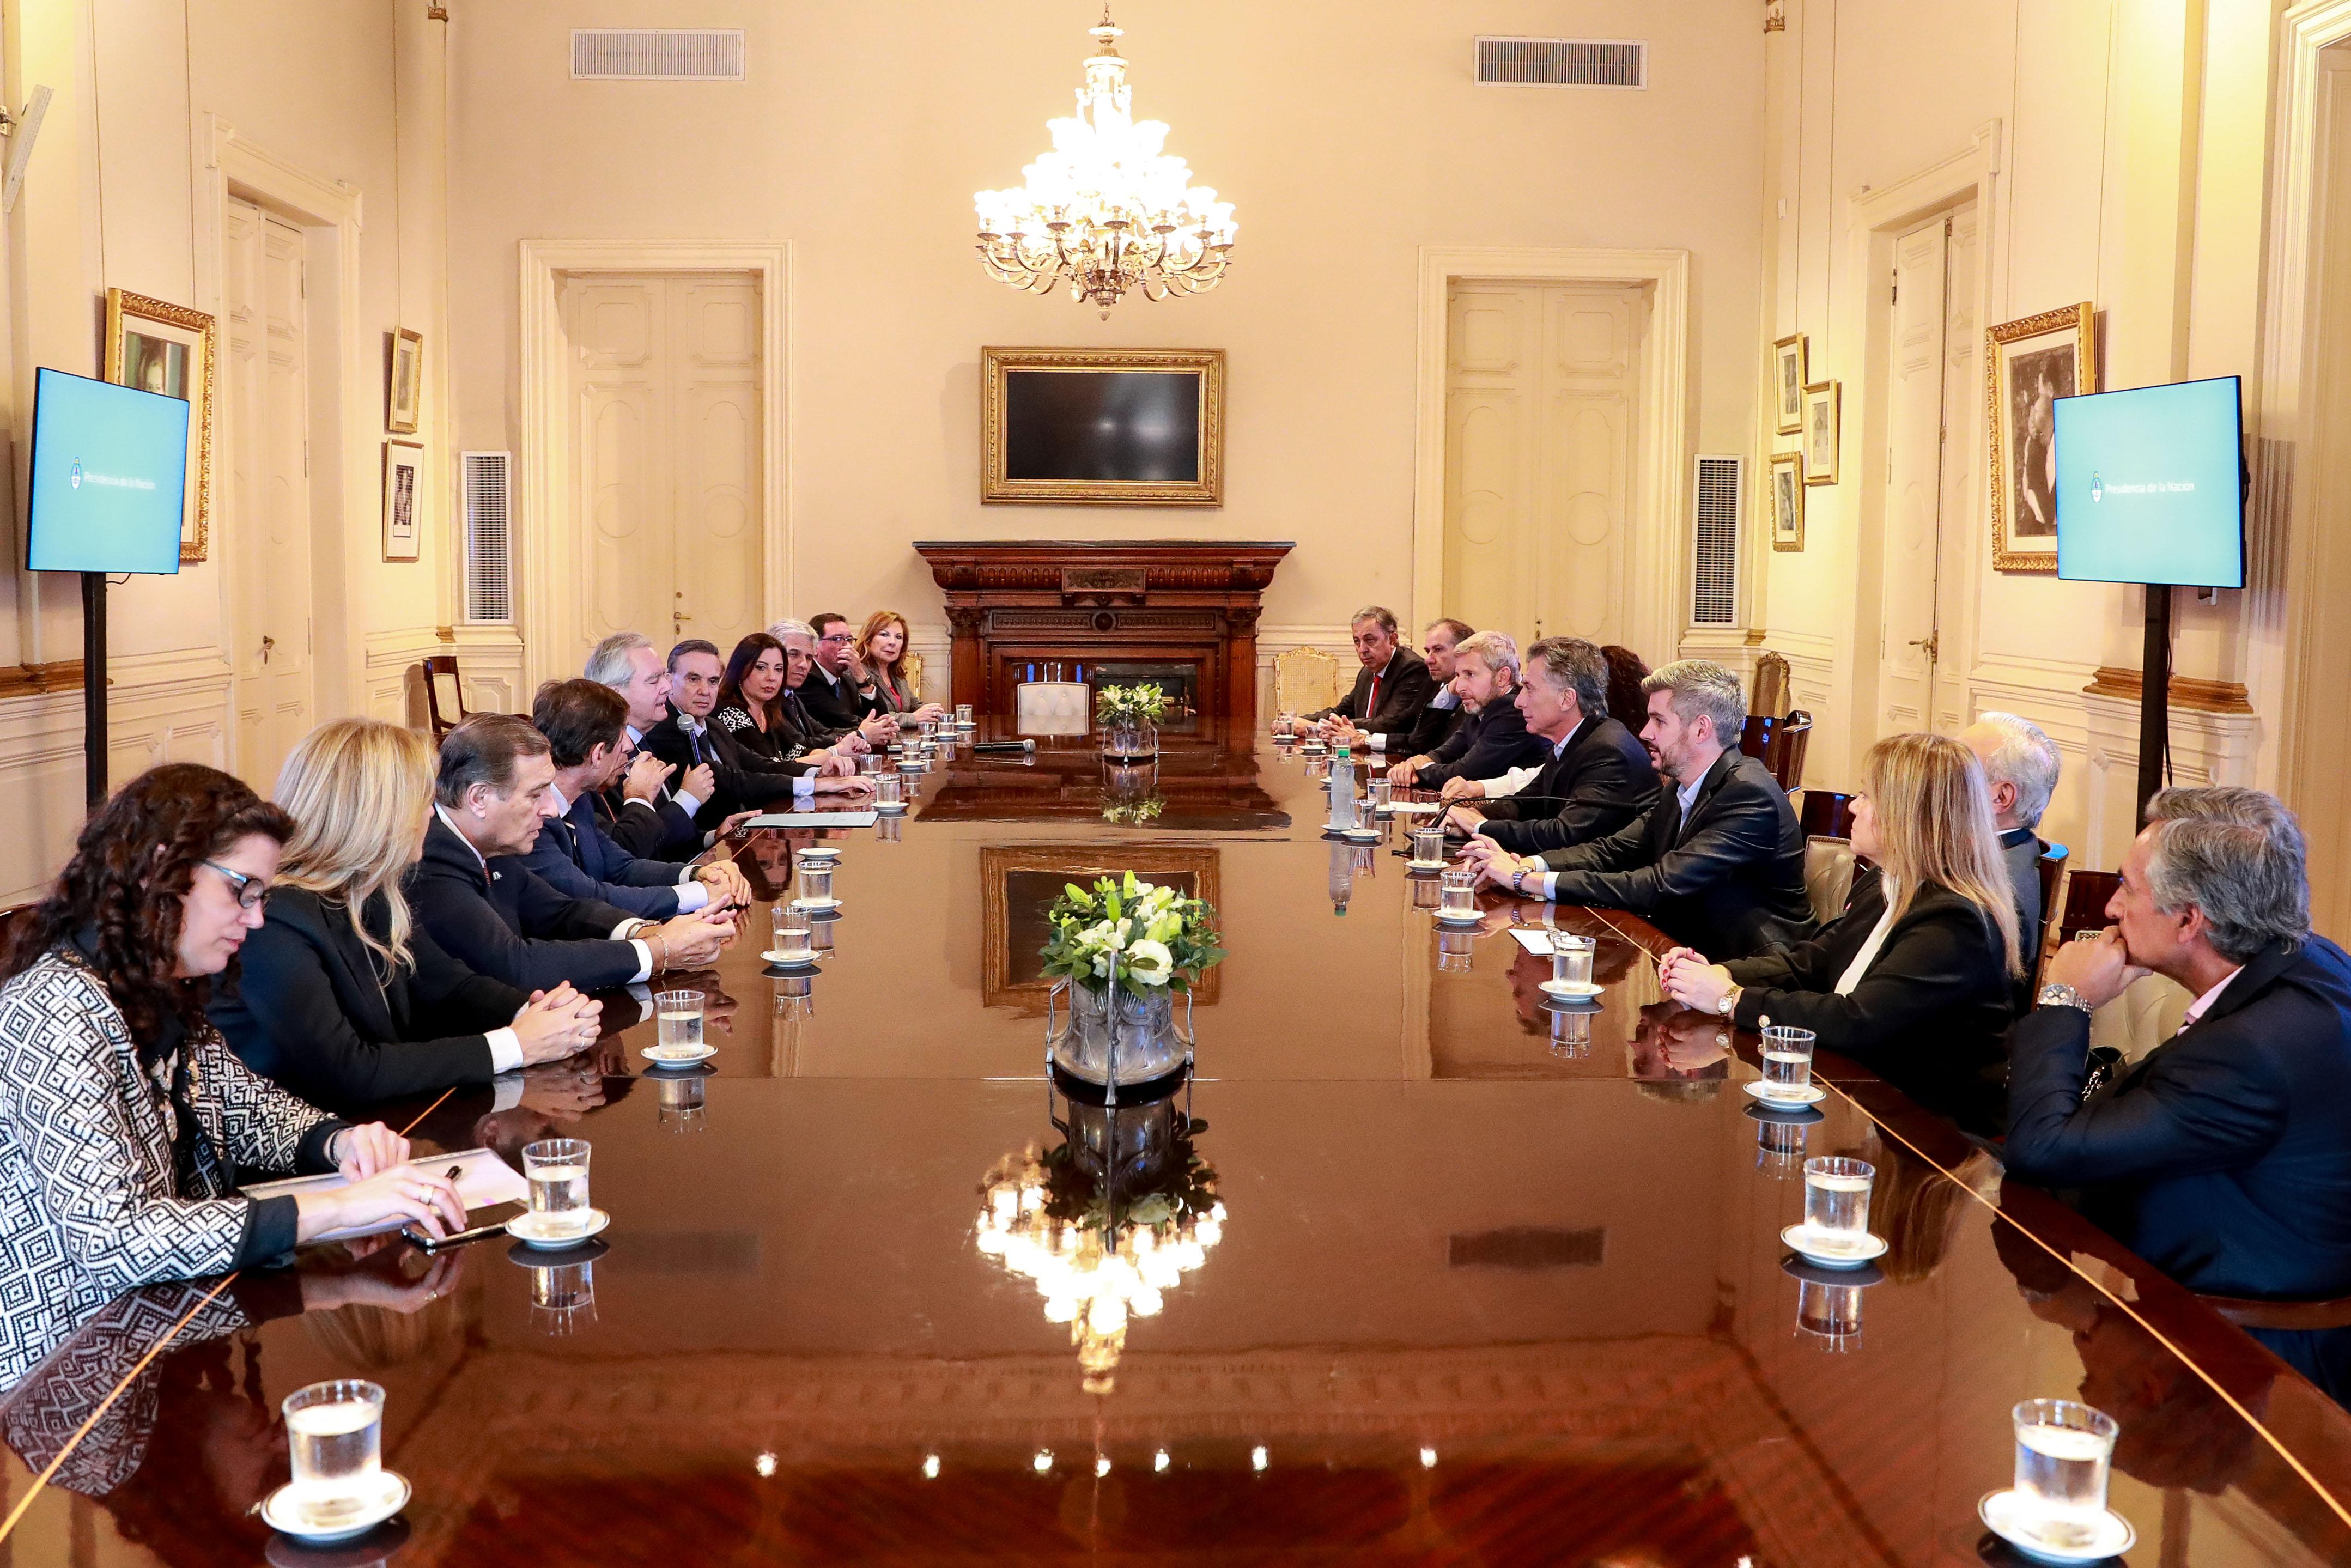 Tras la reunión, senadores firmaron su apoyo al Gobierno de Macri